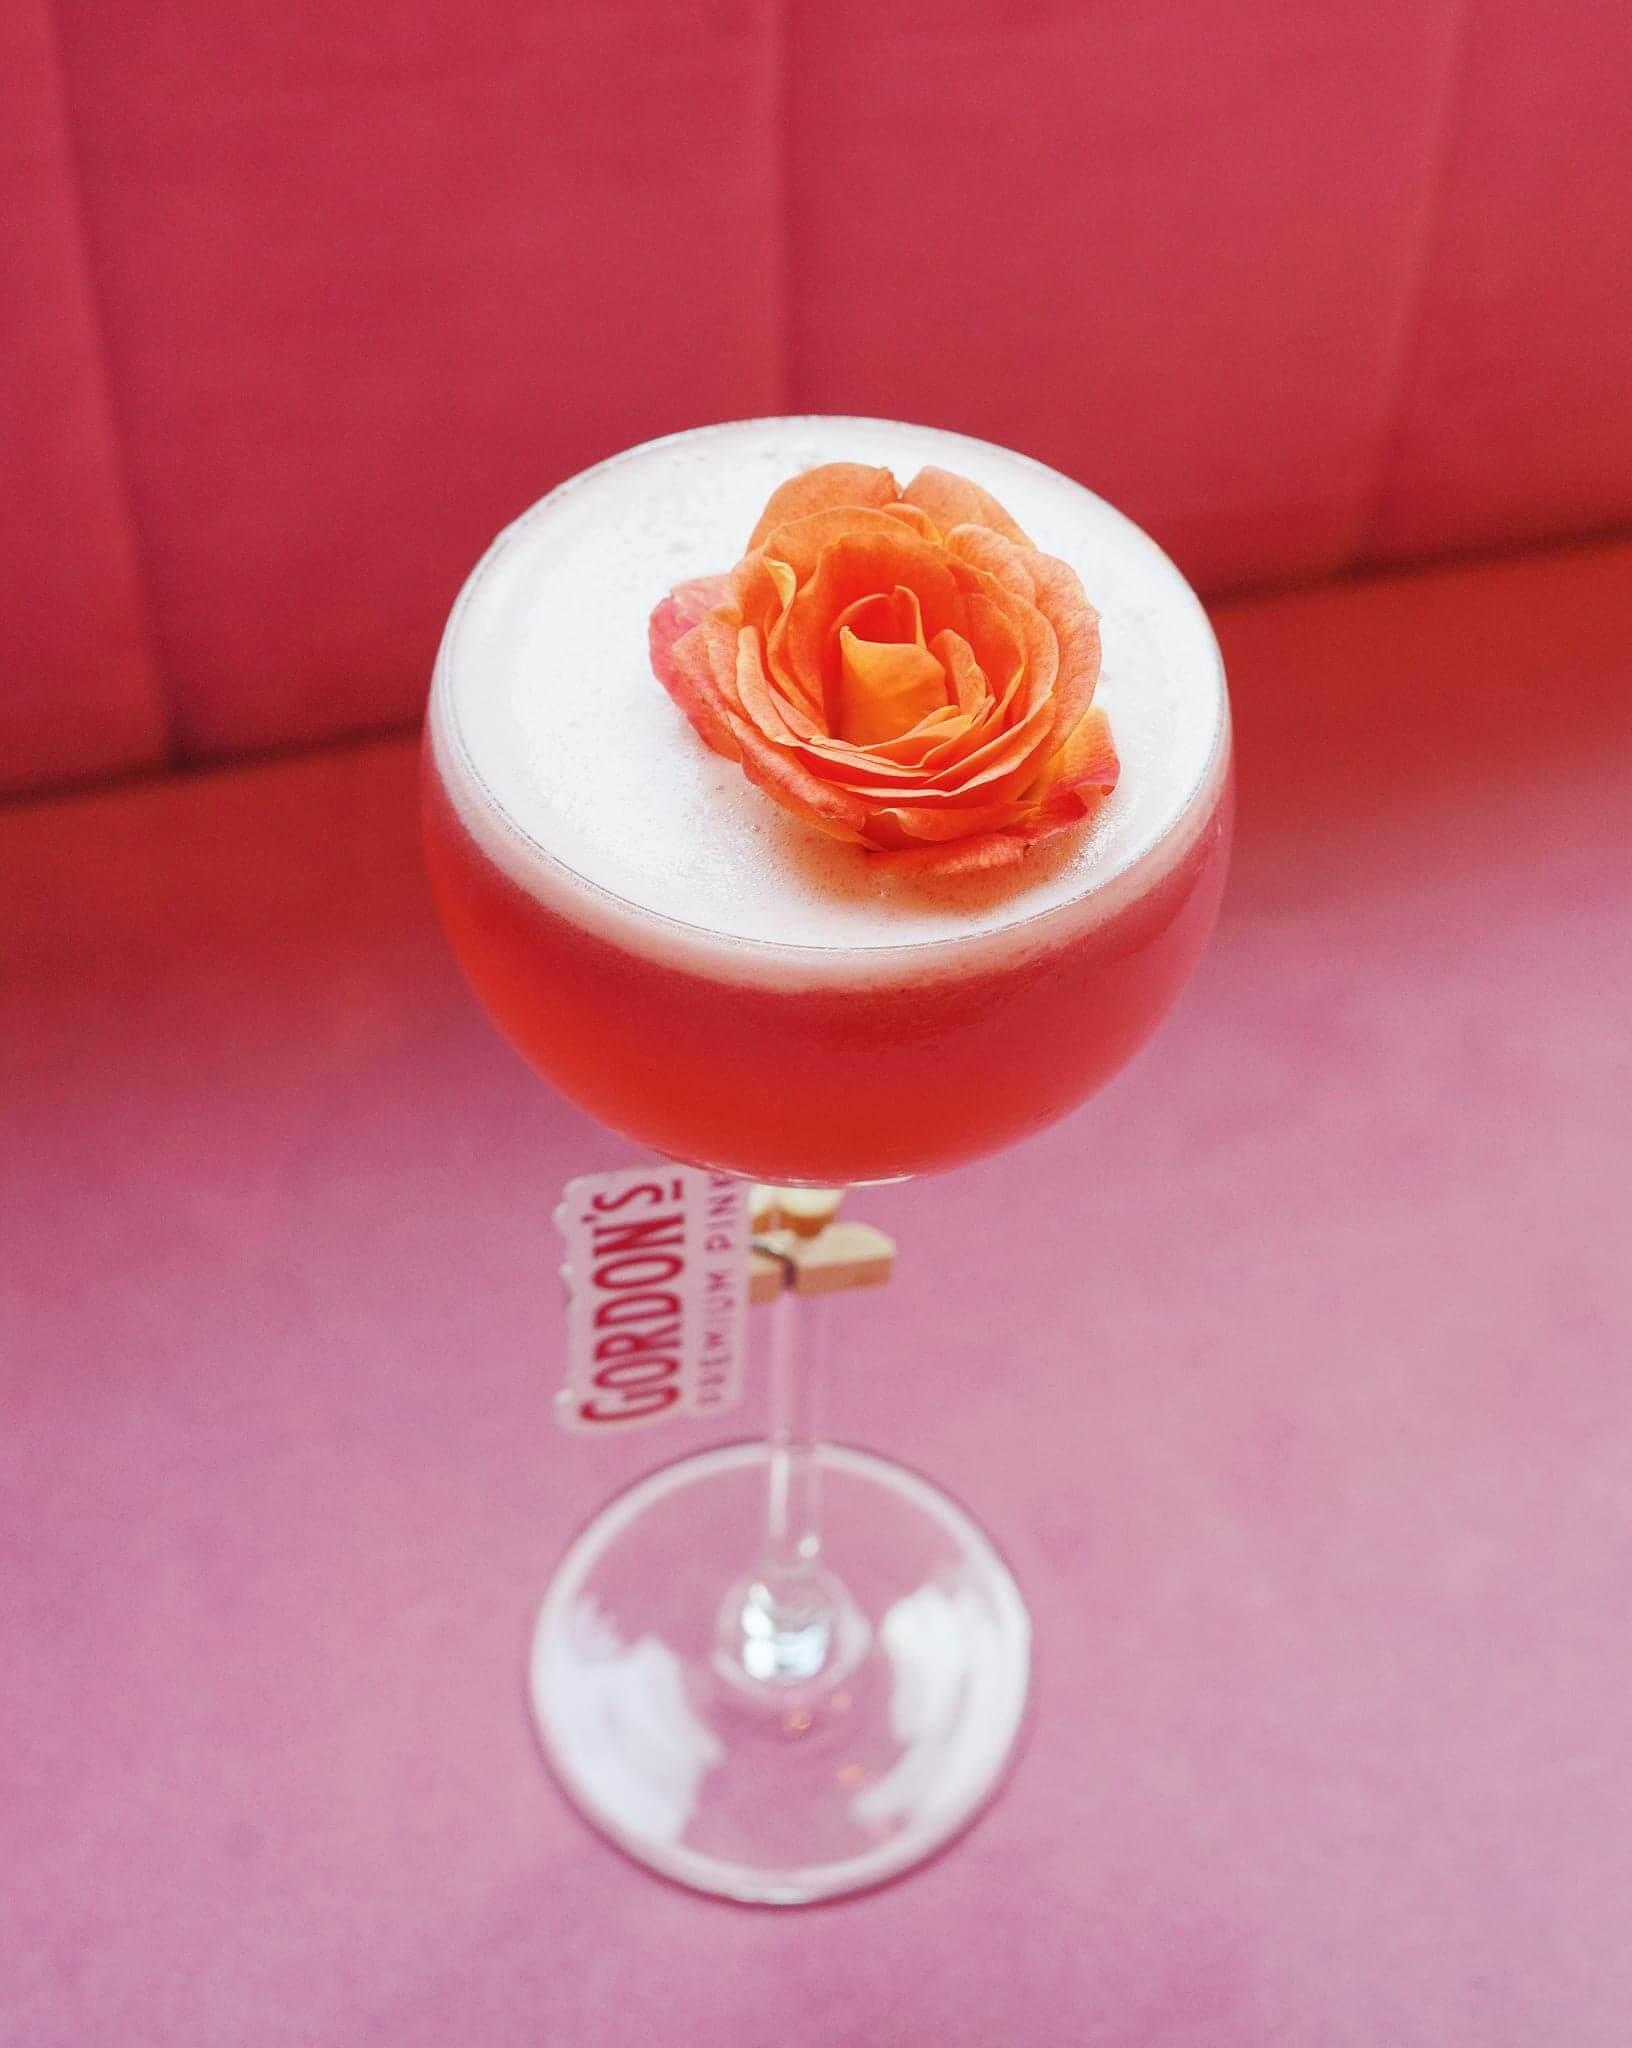 Gordon's Pink Rose HK$118